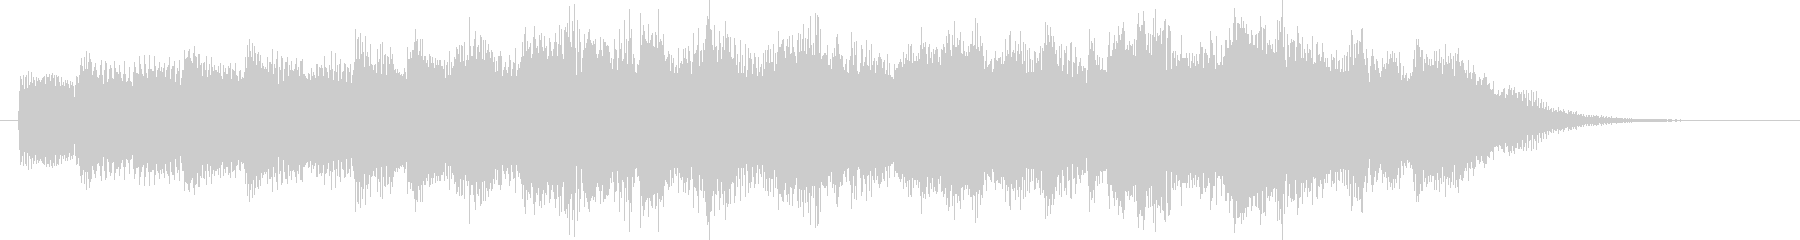 ピアノ/重厚・高級・映画感のあるSE-2の未再生の波形